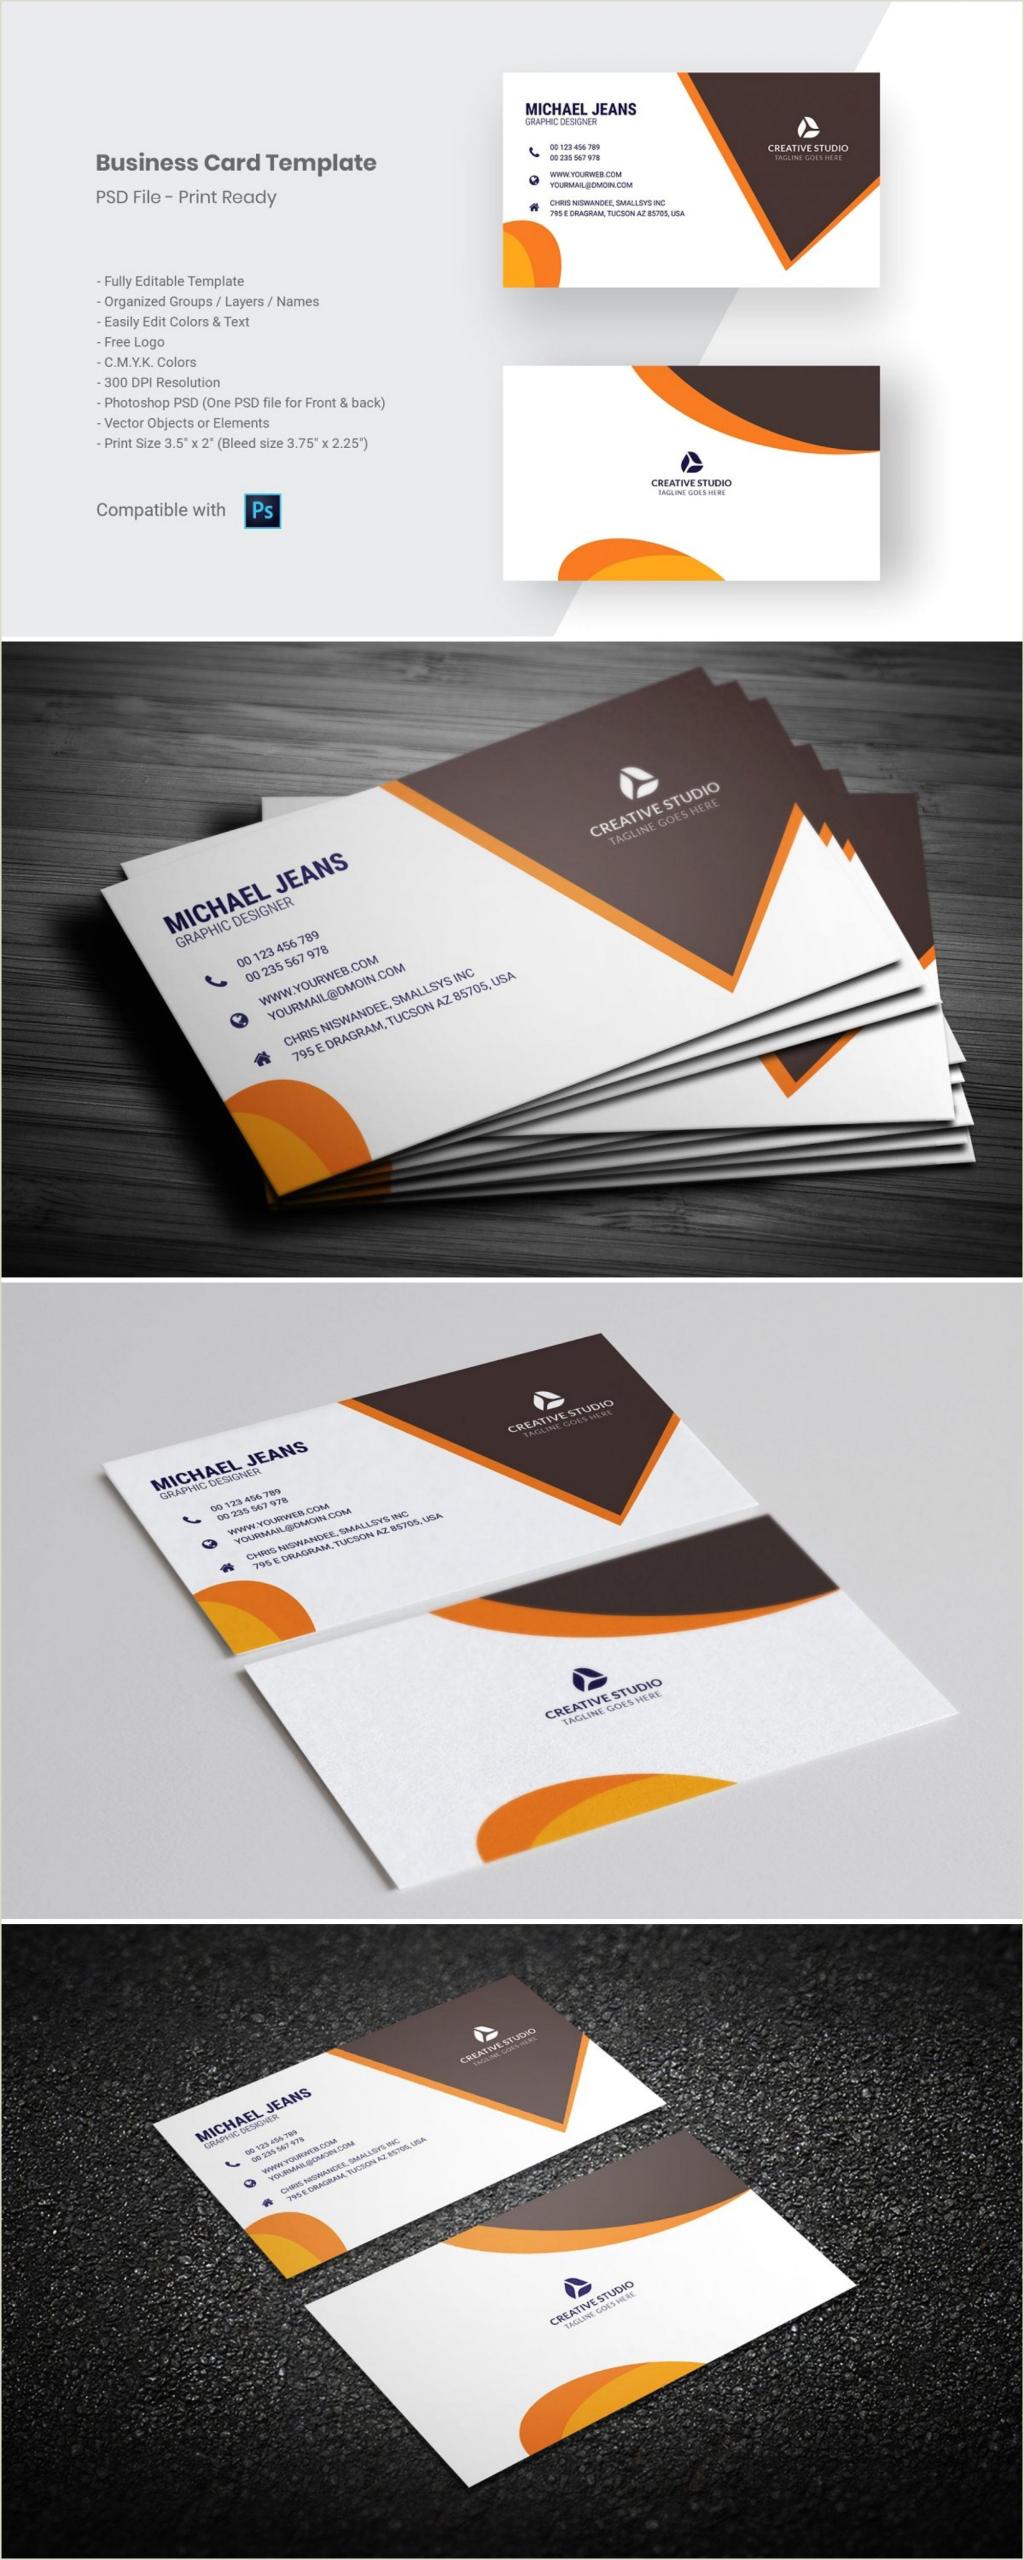 Vertical Business Card Designs Modern Business Card Template